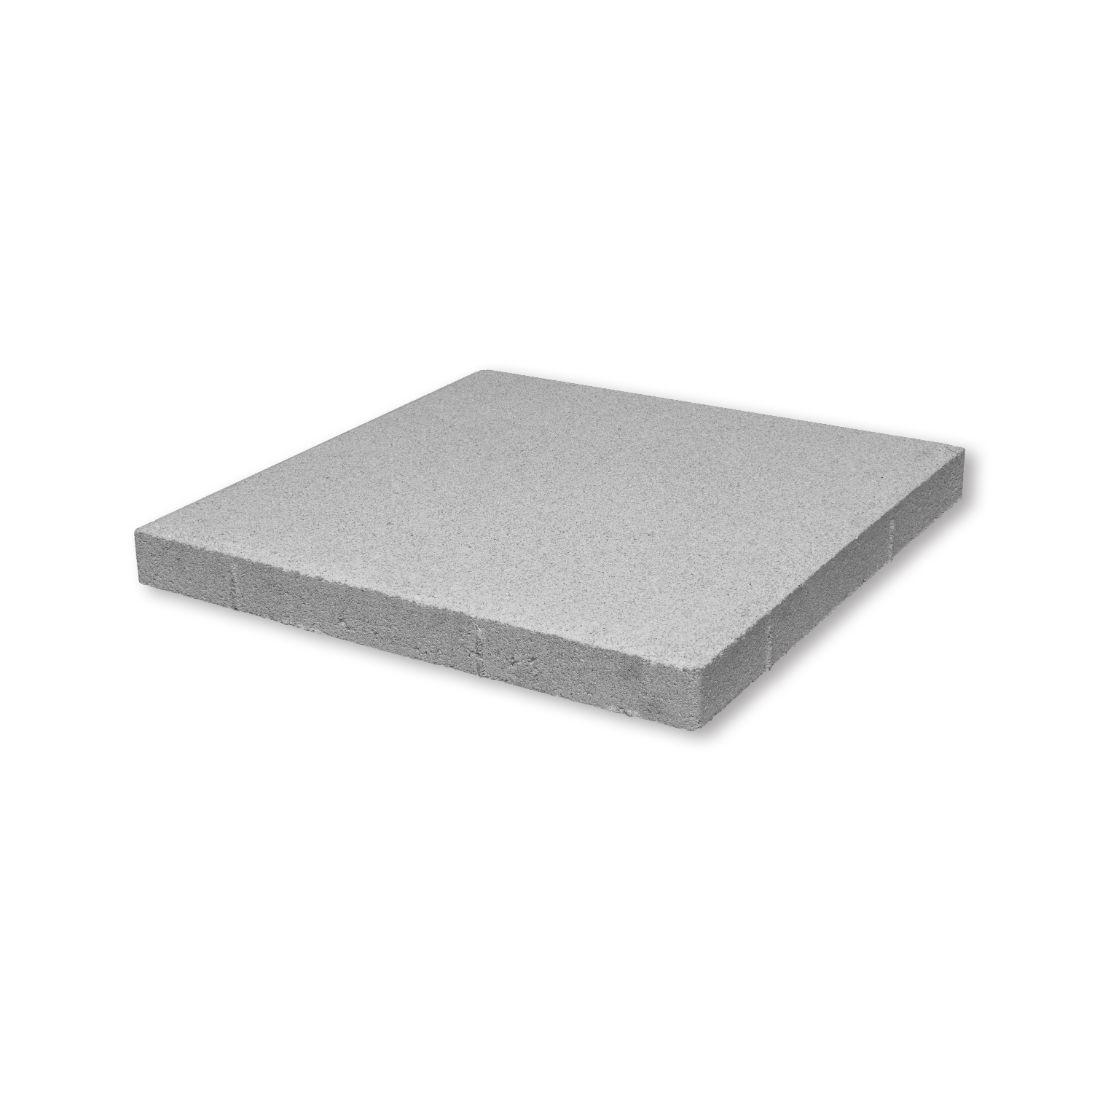 Flagstone Concrete Paver 400 x 400 x 40mm Ash